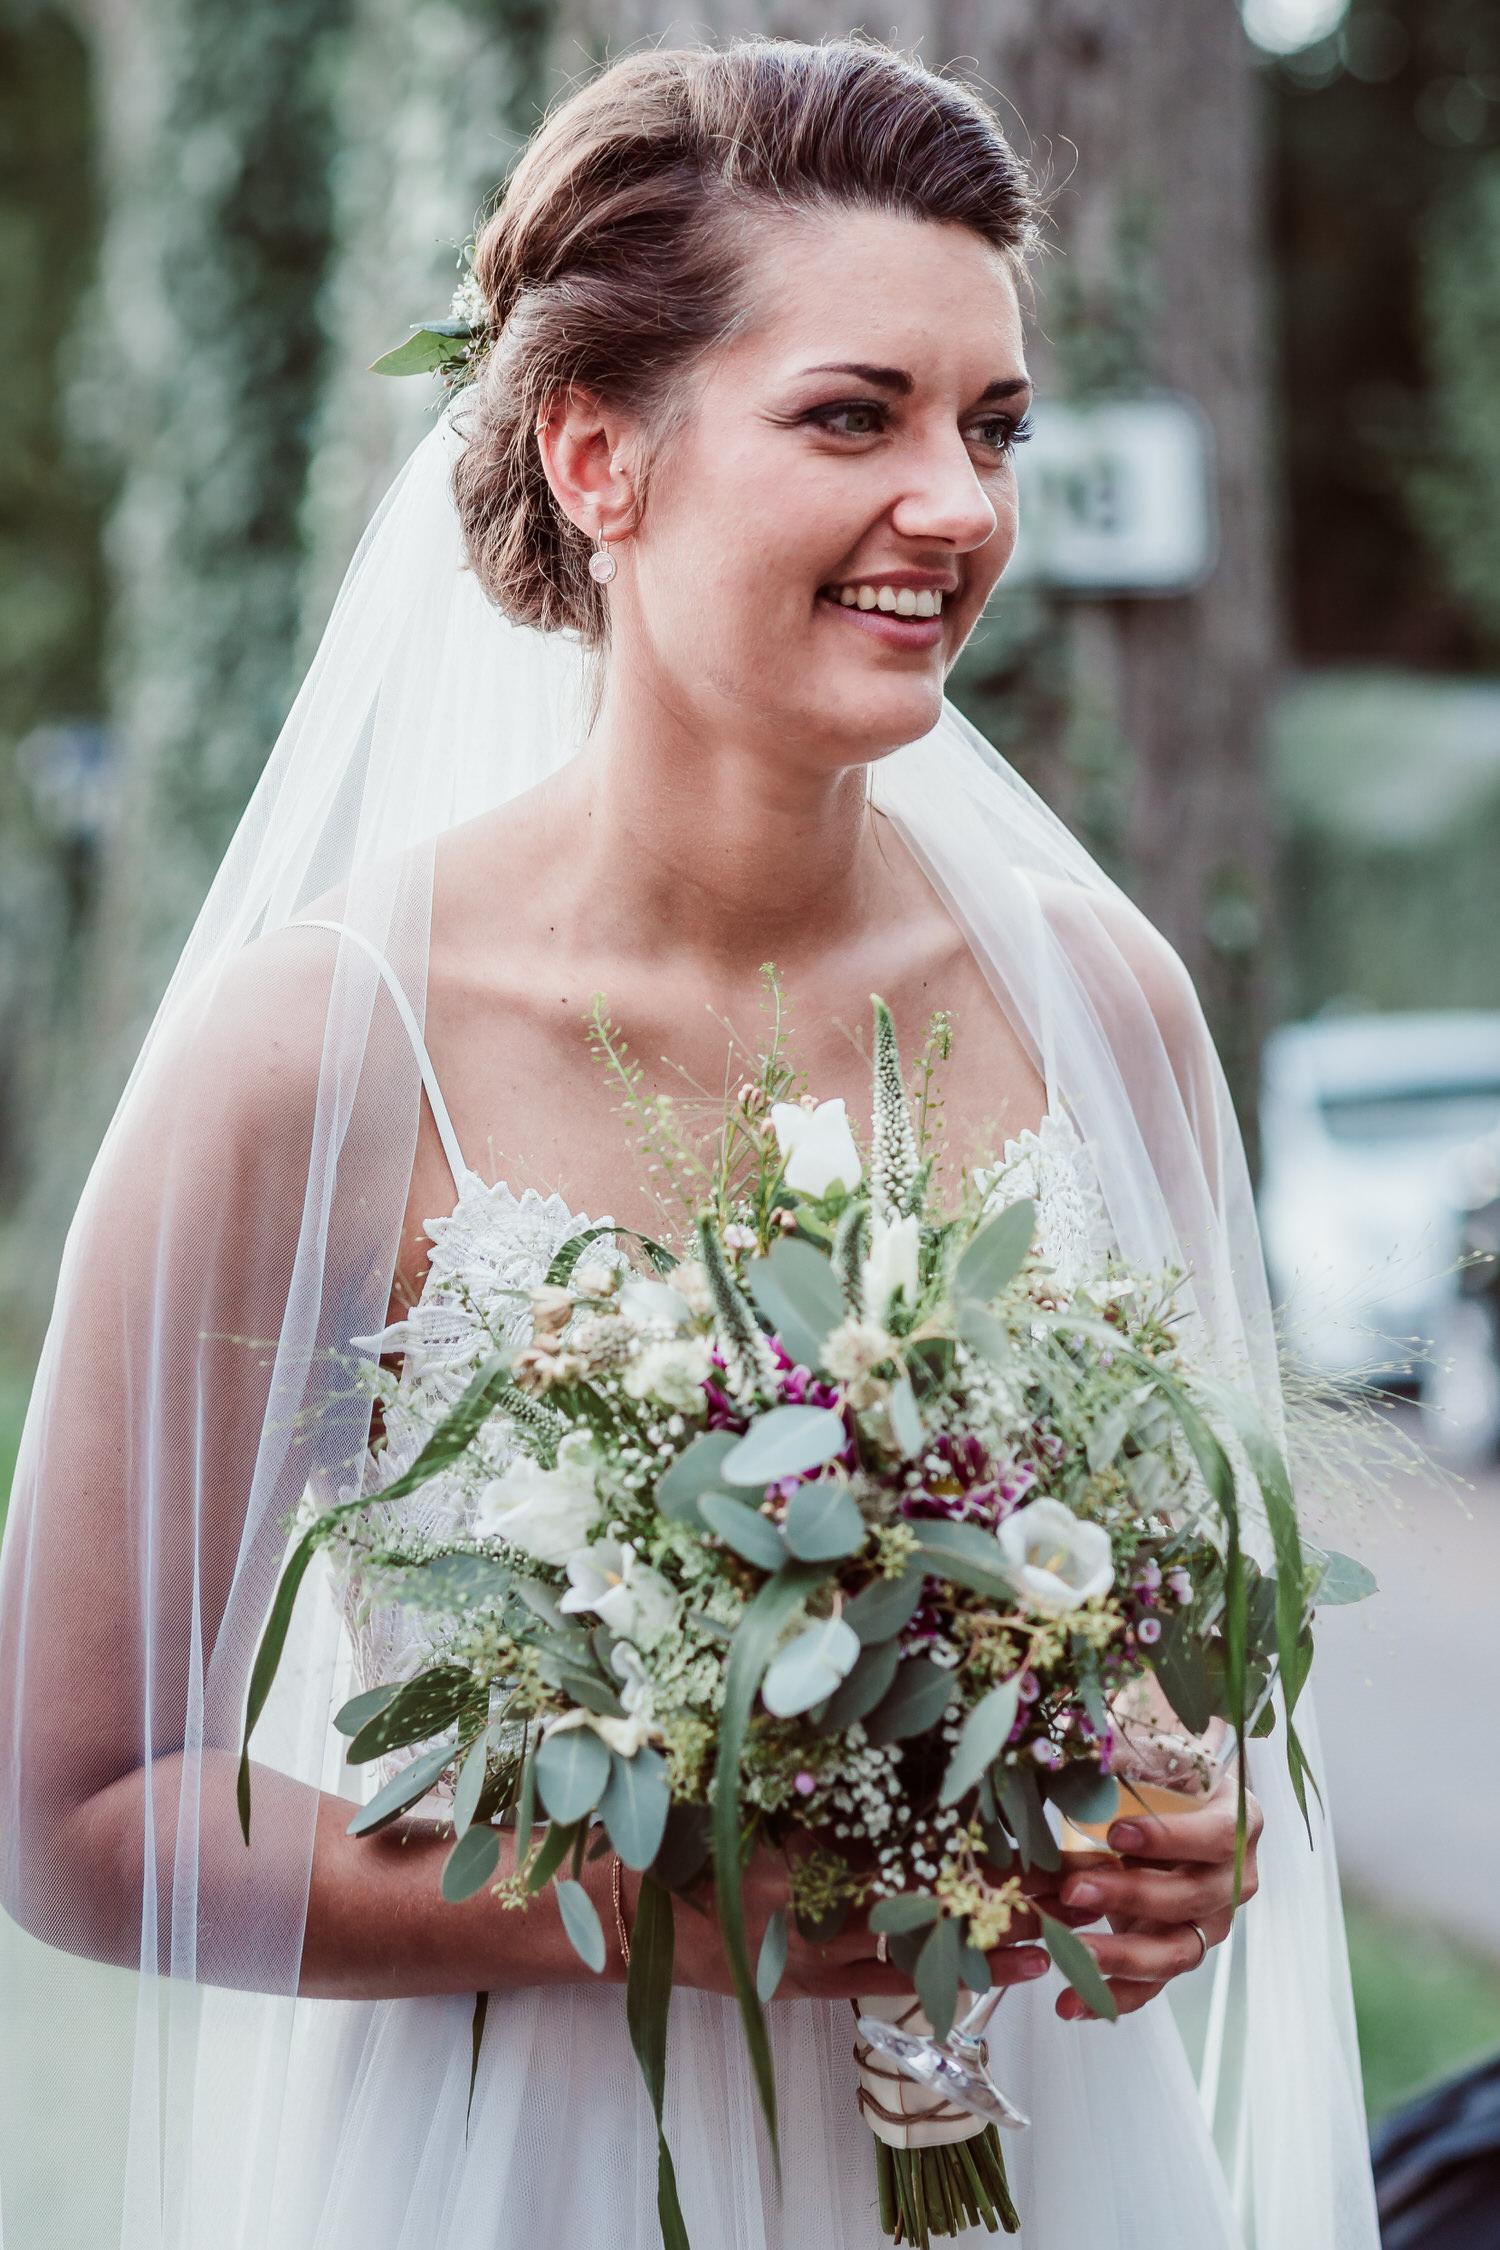 die Braut | Portrait | Hochzeitsfotografie Aachen